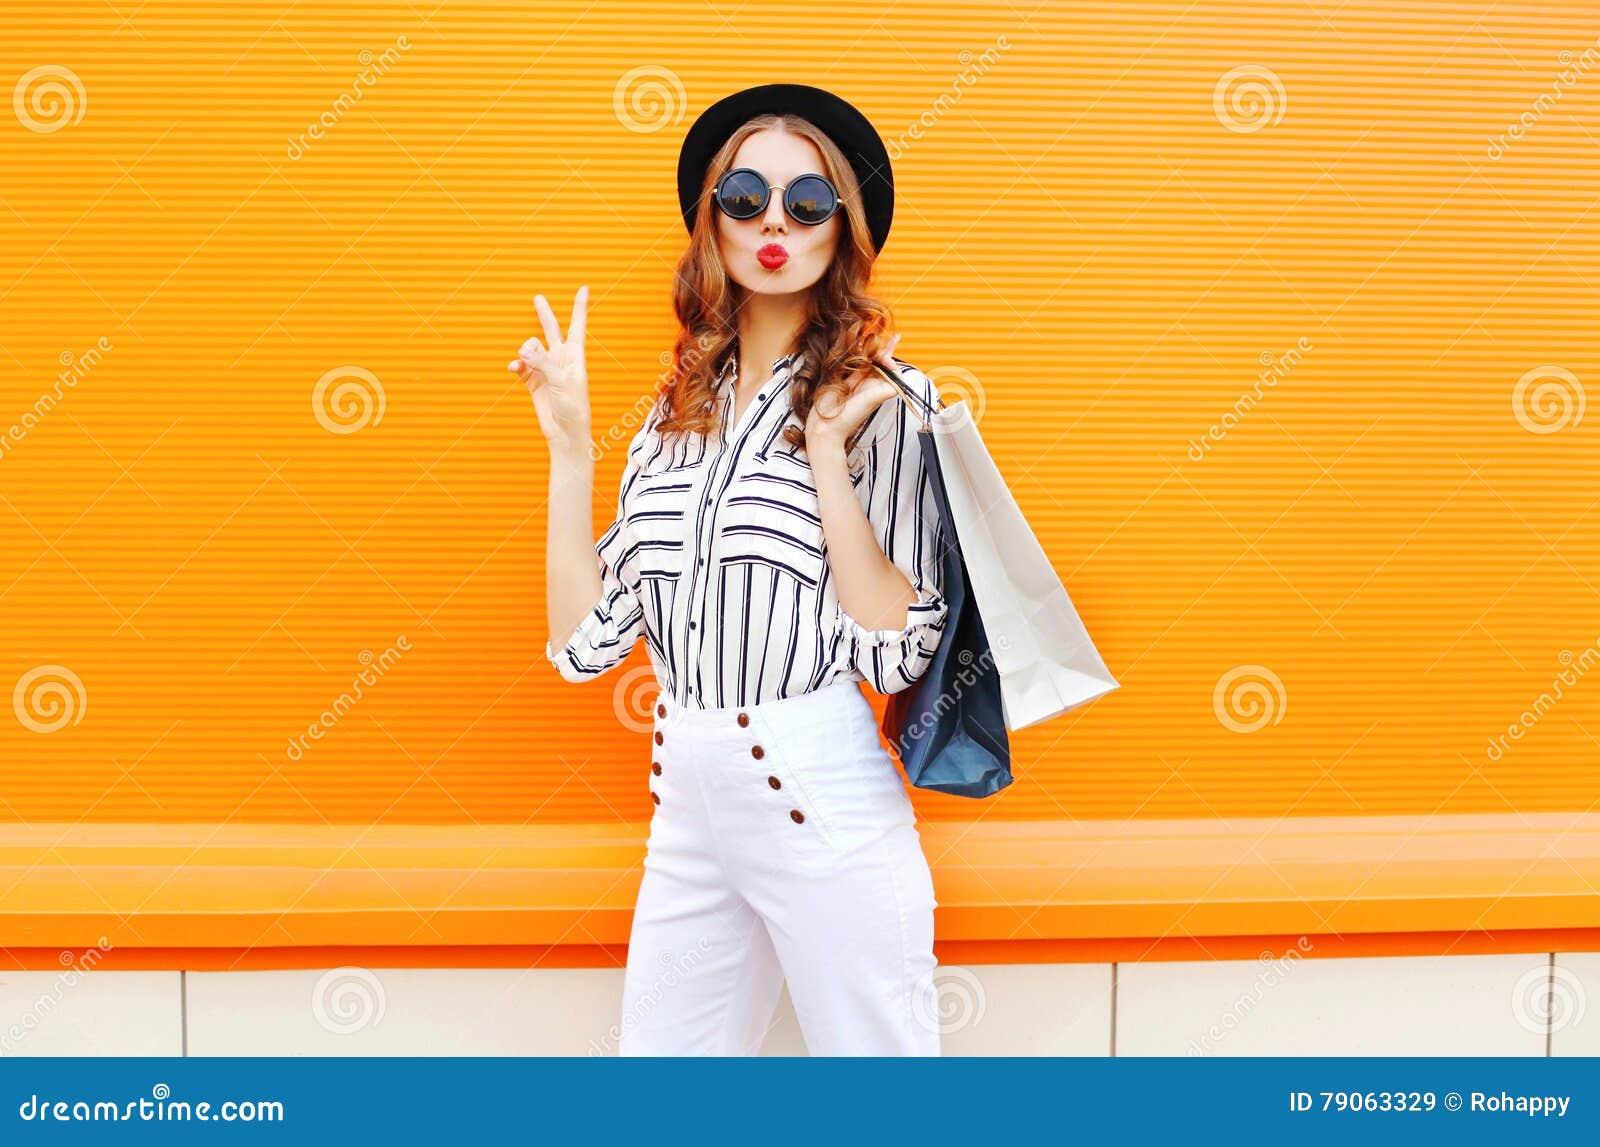 Δροσερό νέο κορίτσι μόδας αρκετά με τις τσάντες αγορών που φορούν τα άσπρα εσώρουχα μαύρων καπέλων πέρα από το ζωηρόχρωμο πορτοκά